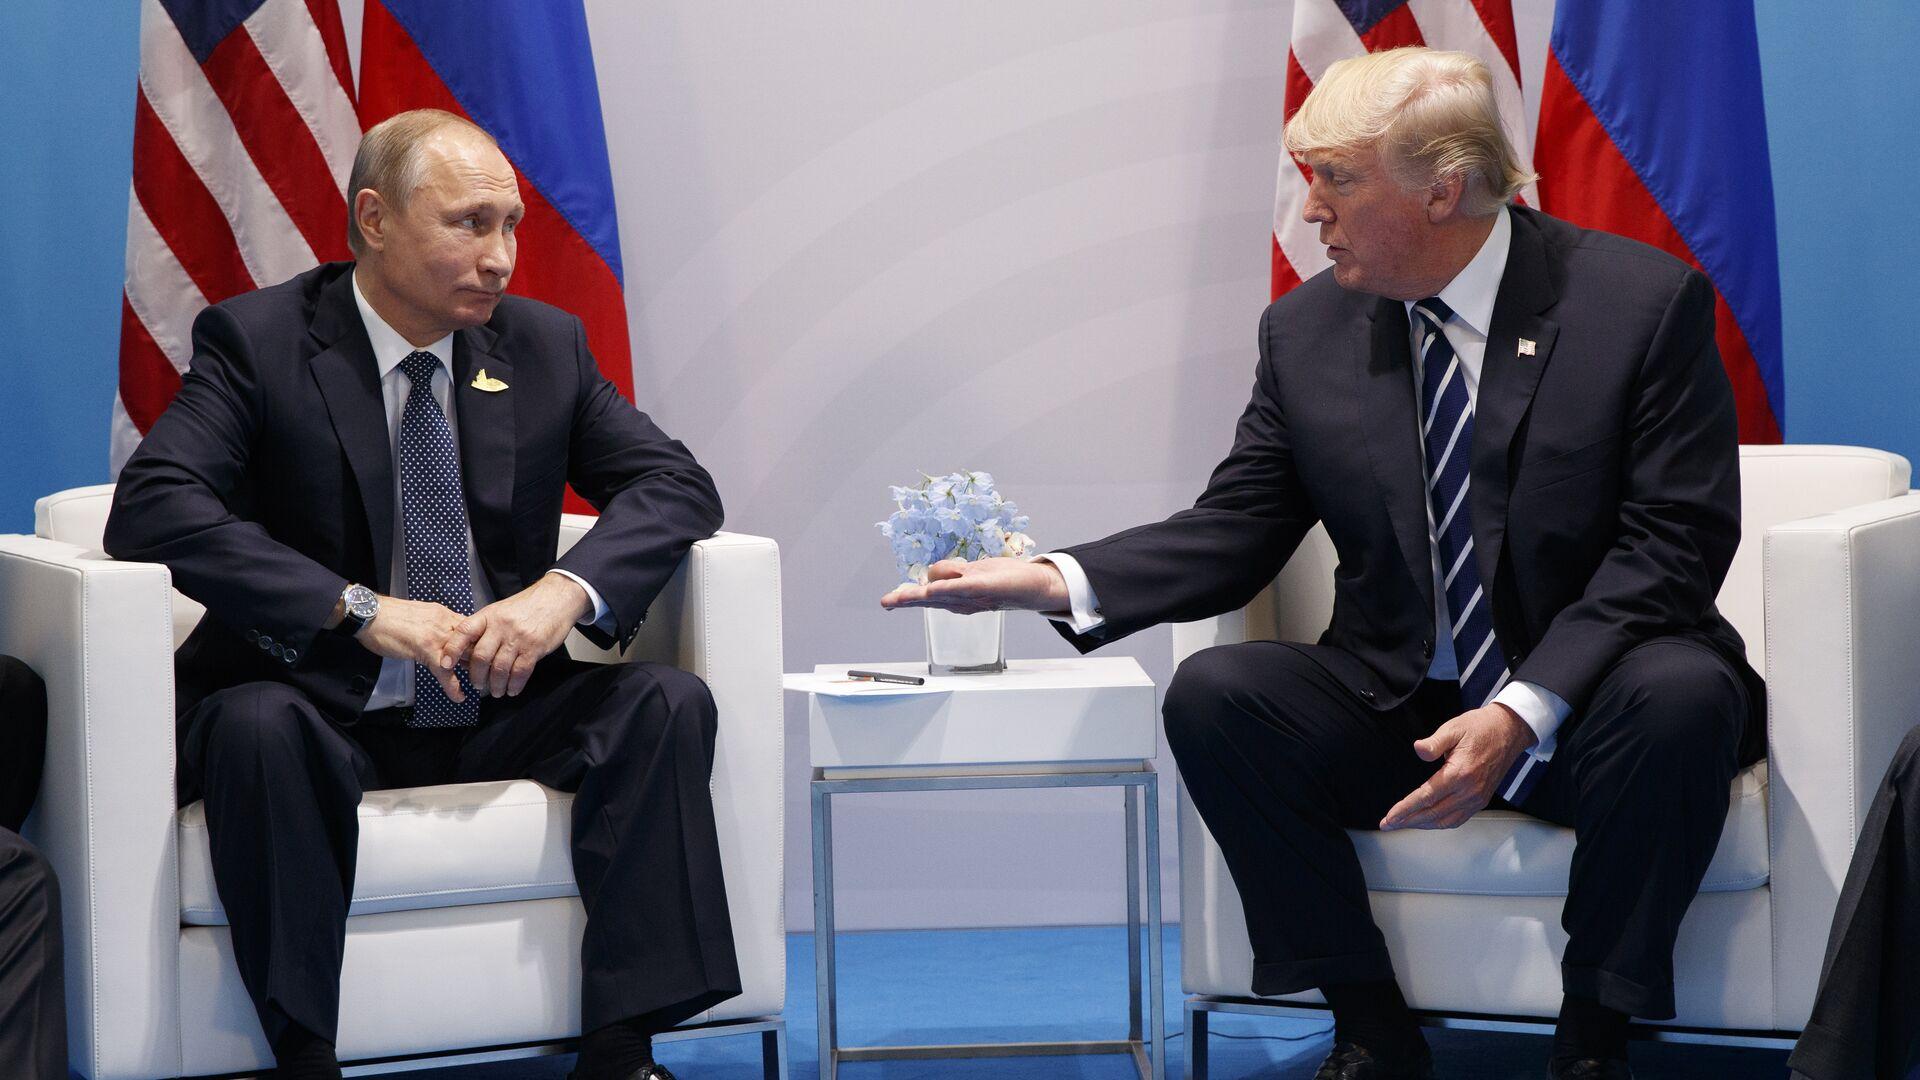 El presidente ruso, Vladímir Putin, y el expresidente de EEUU Donald Trump en la cumbre de G20, el 7 de julio de 2017 (archivo) - Sputnik Mundo, 1920, 15.06.2021